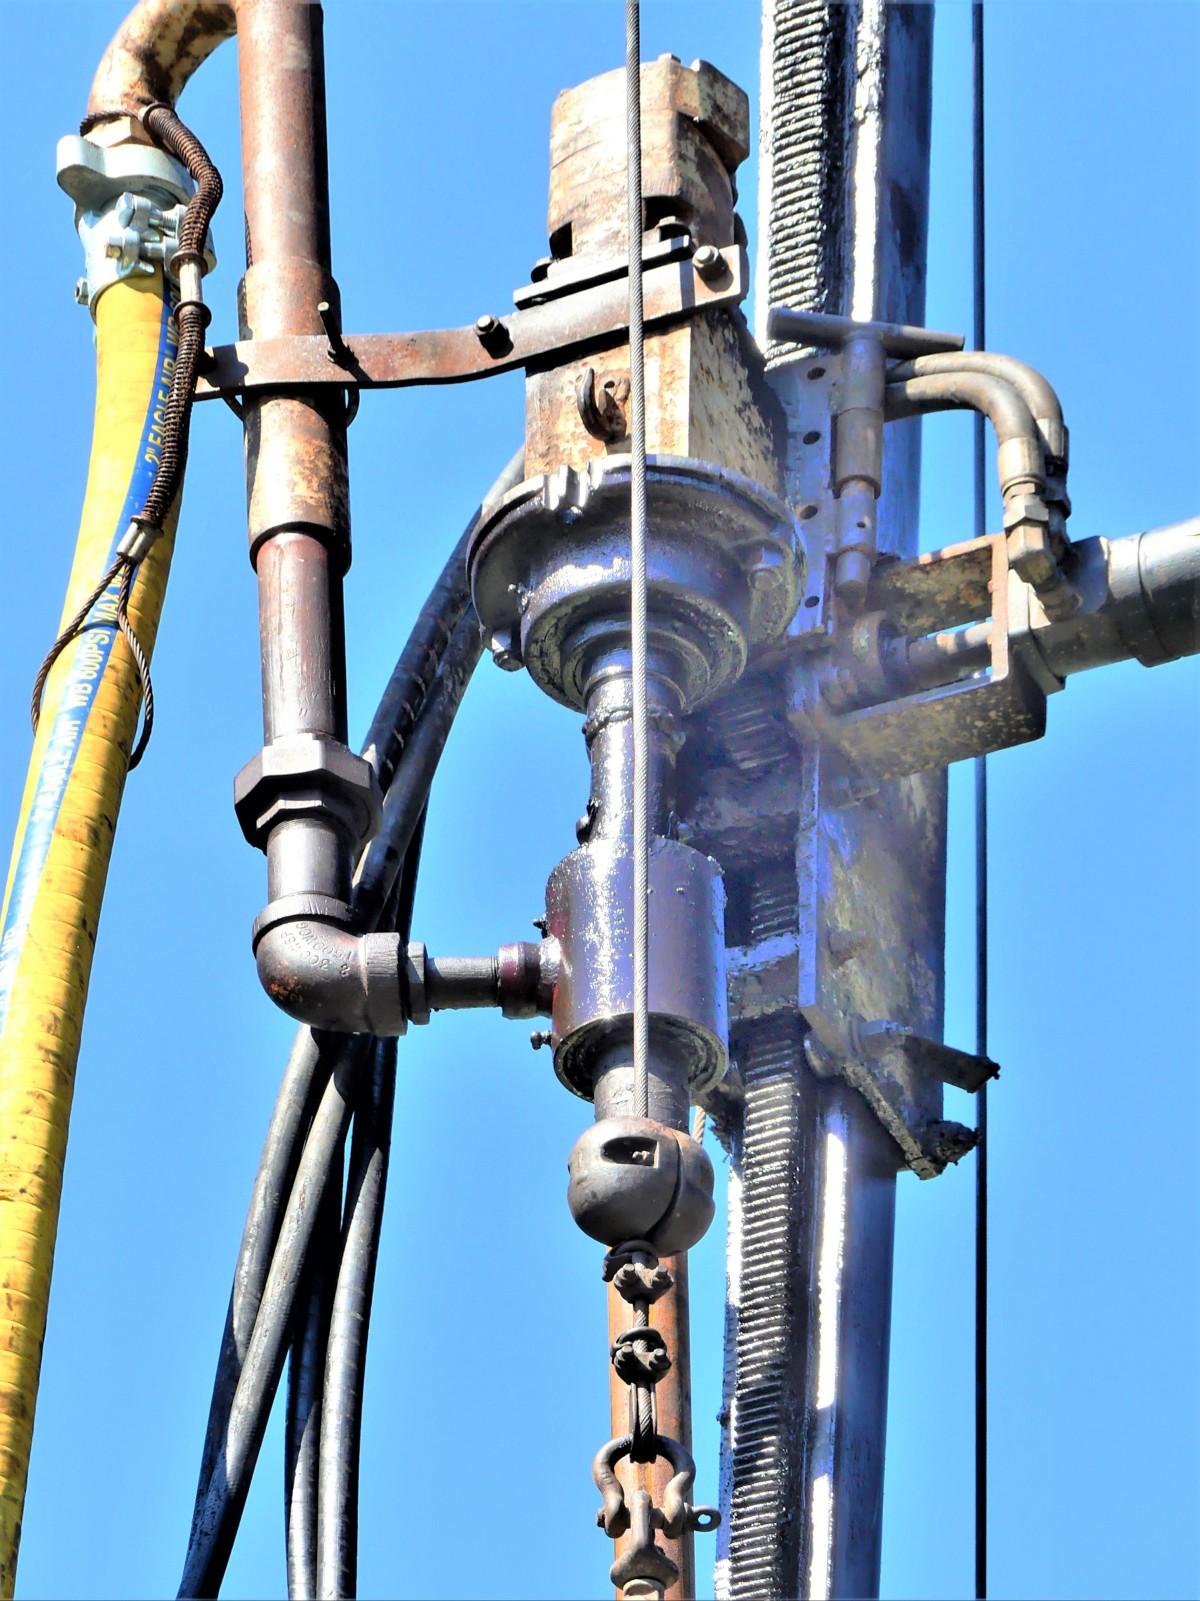 drill rigging